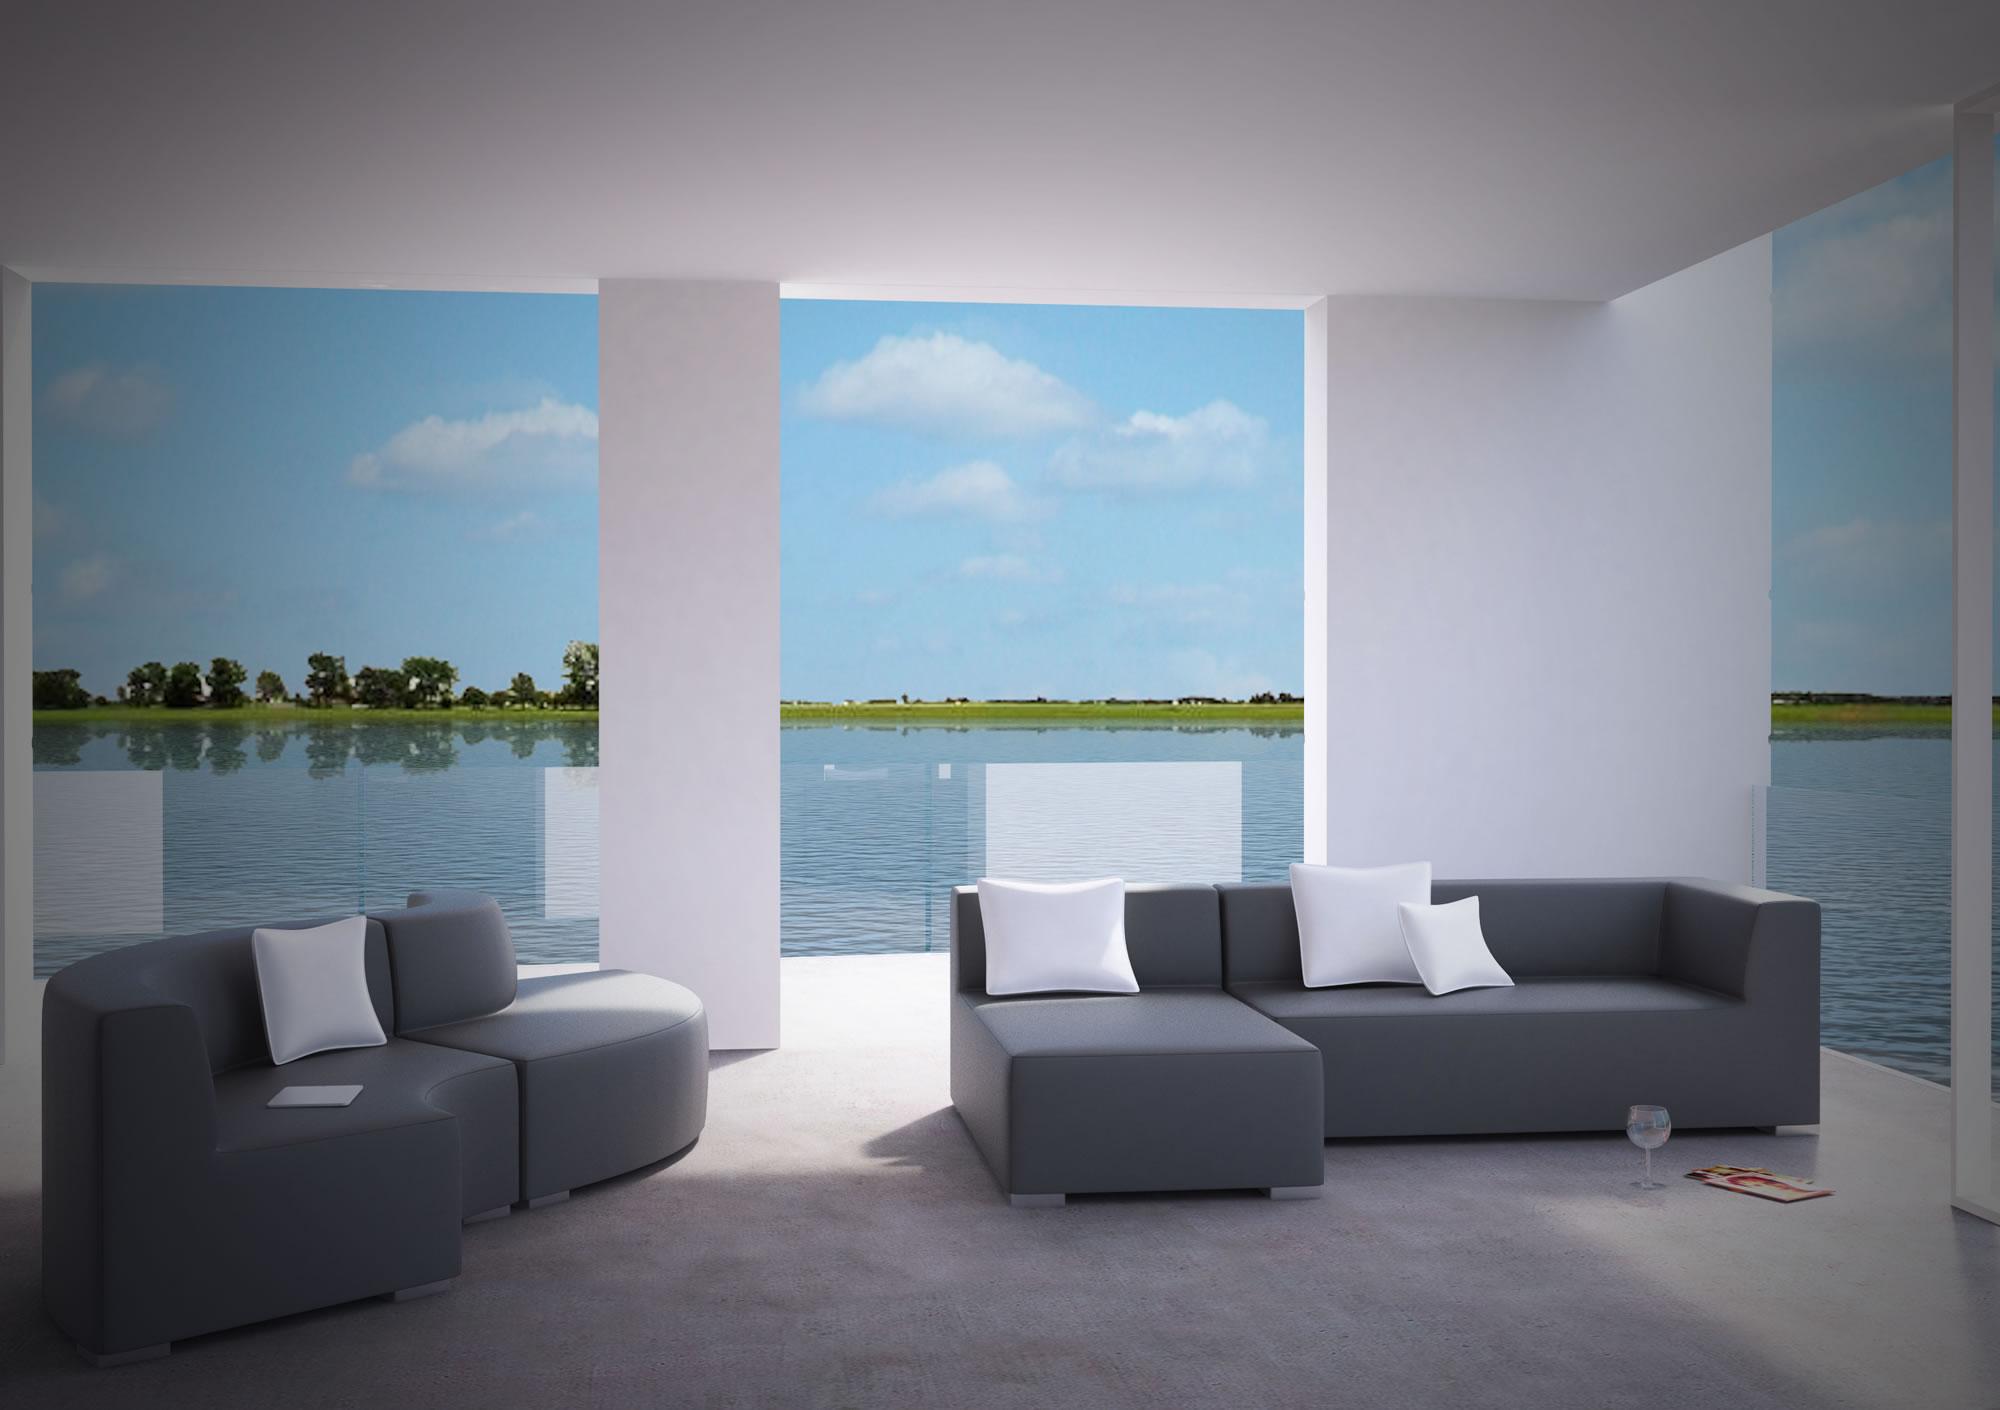 Loungebanken ernst baas tuininrichting design tuinmeubelen